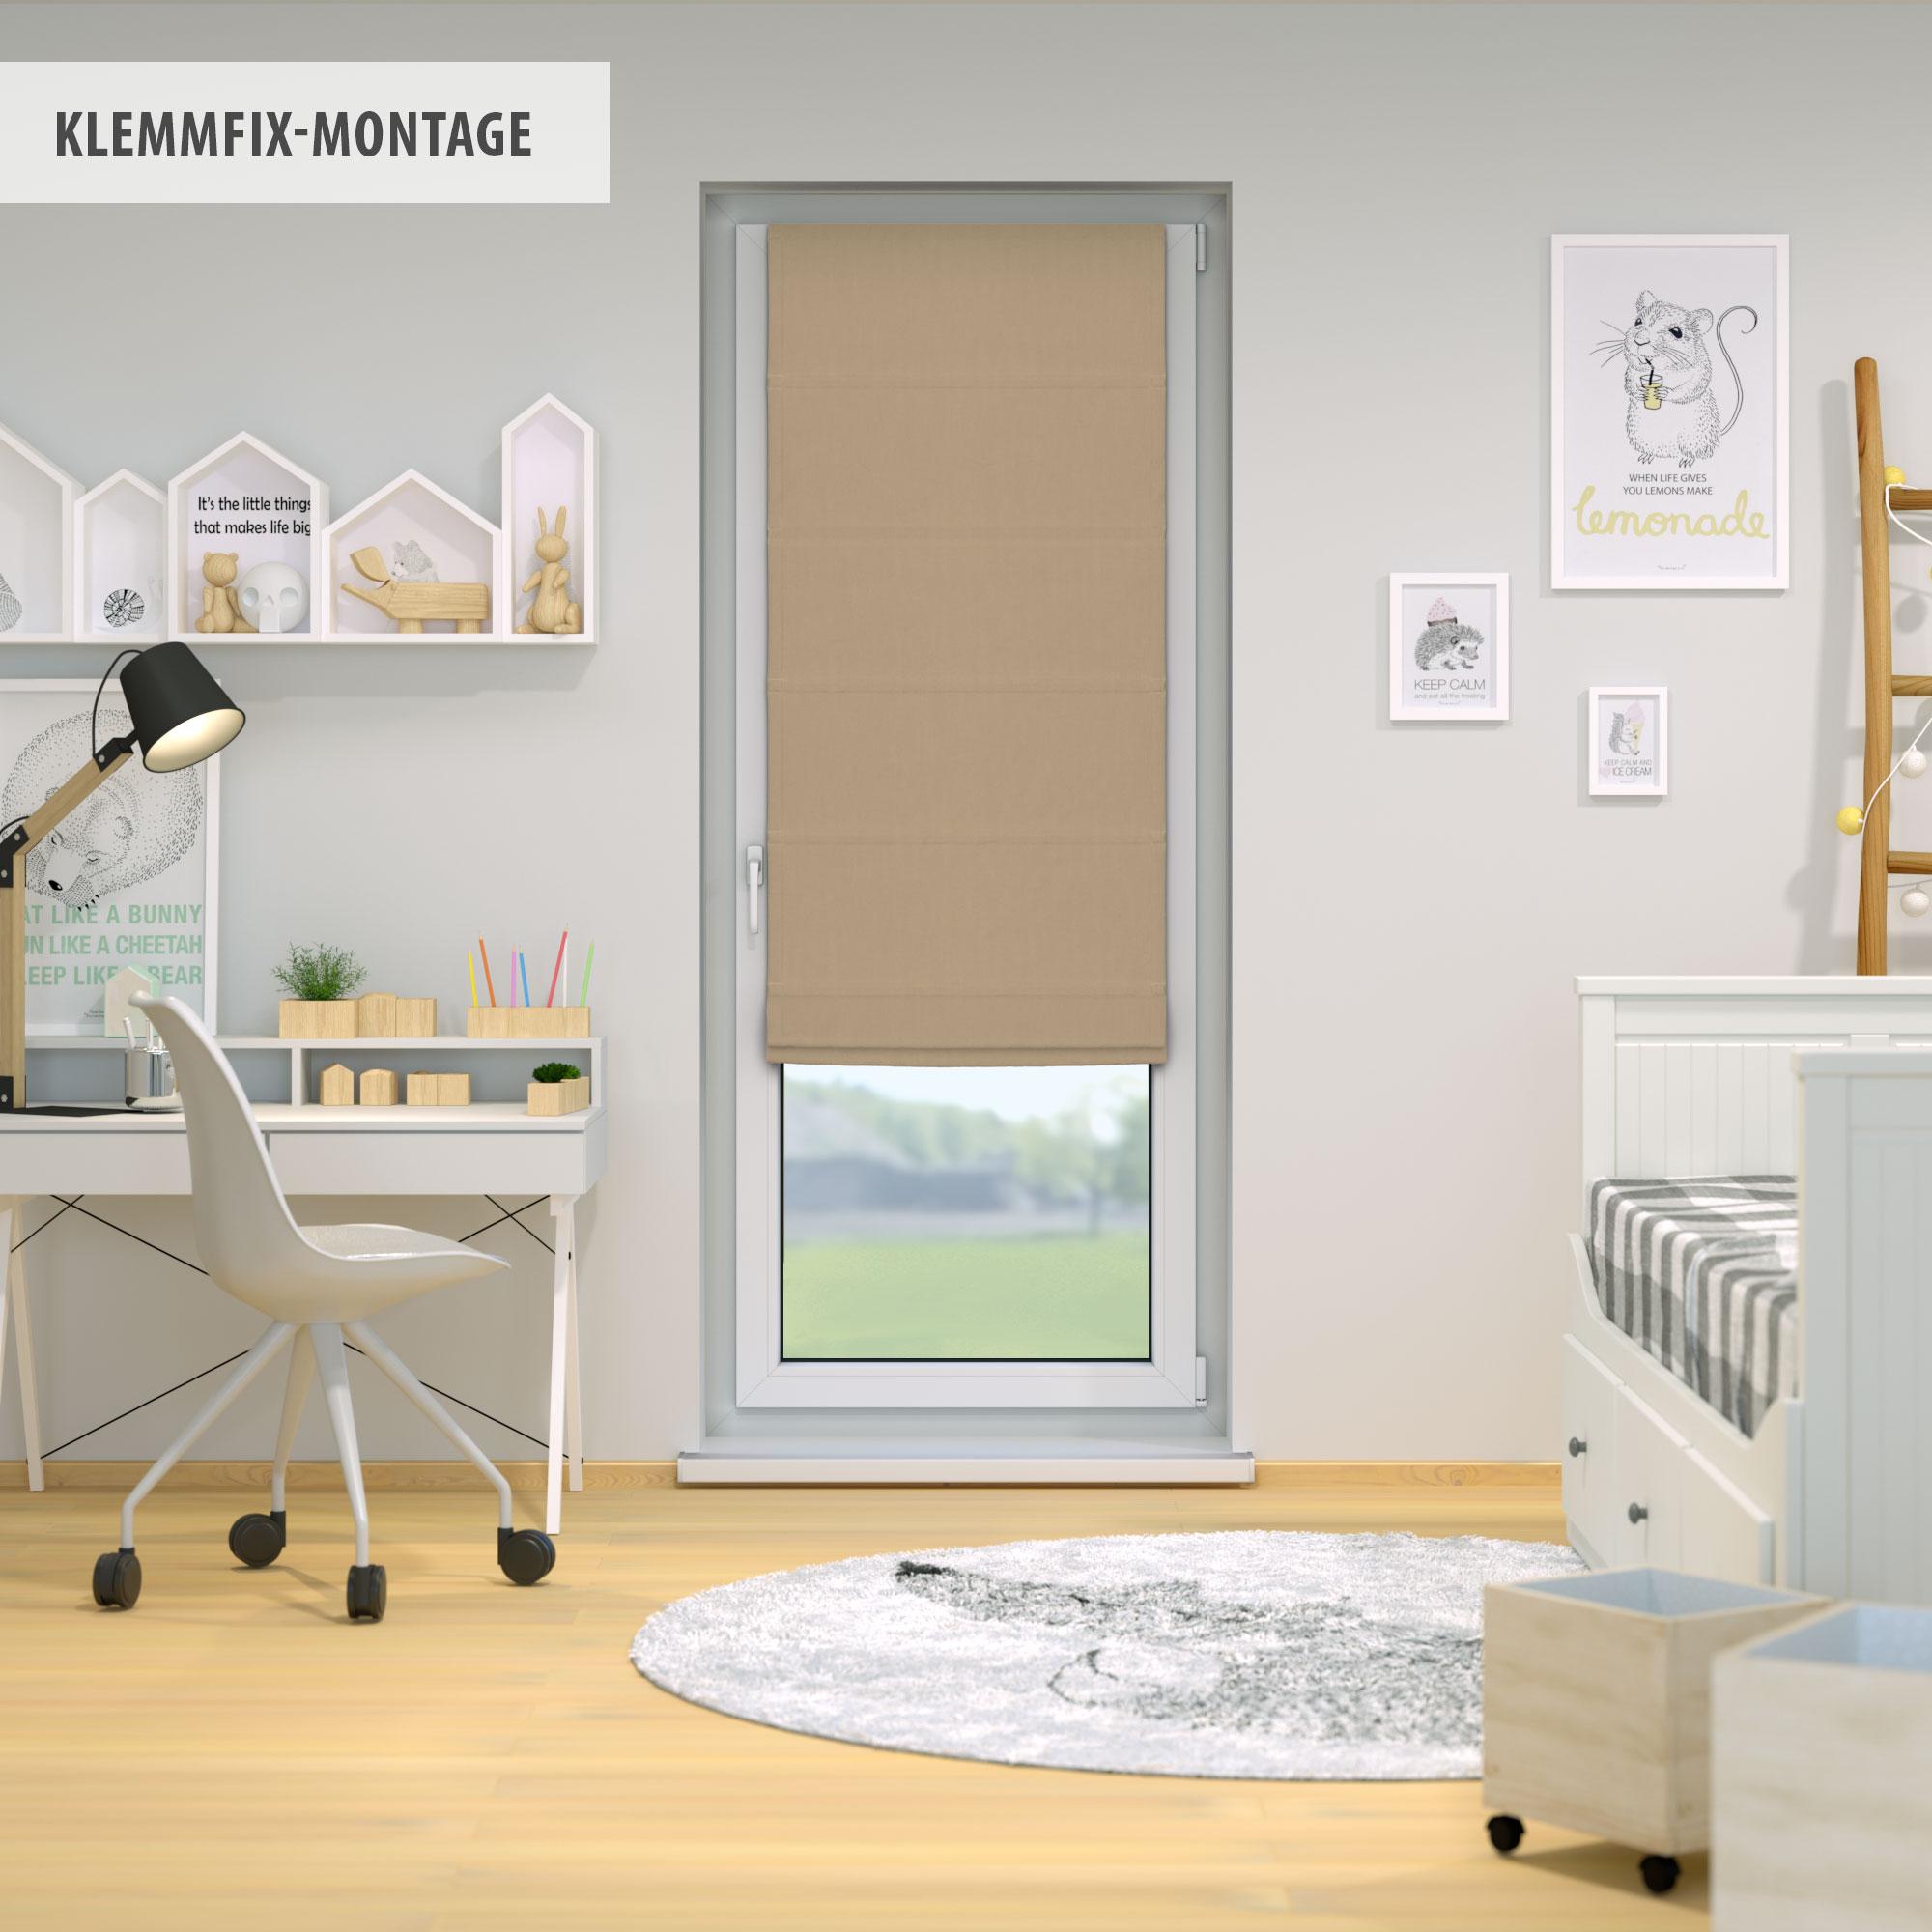 Indexbild 13 - Raffrollo-Faltrollo-Klemmfix-ohne-Bohren-Fenster-Raffgardine-Gardine-VICTORIA-M